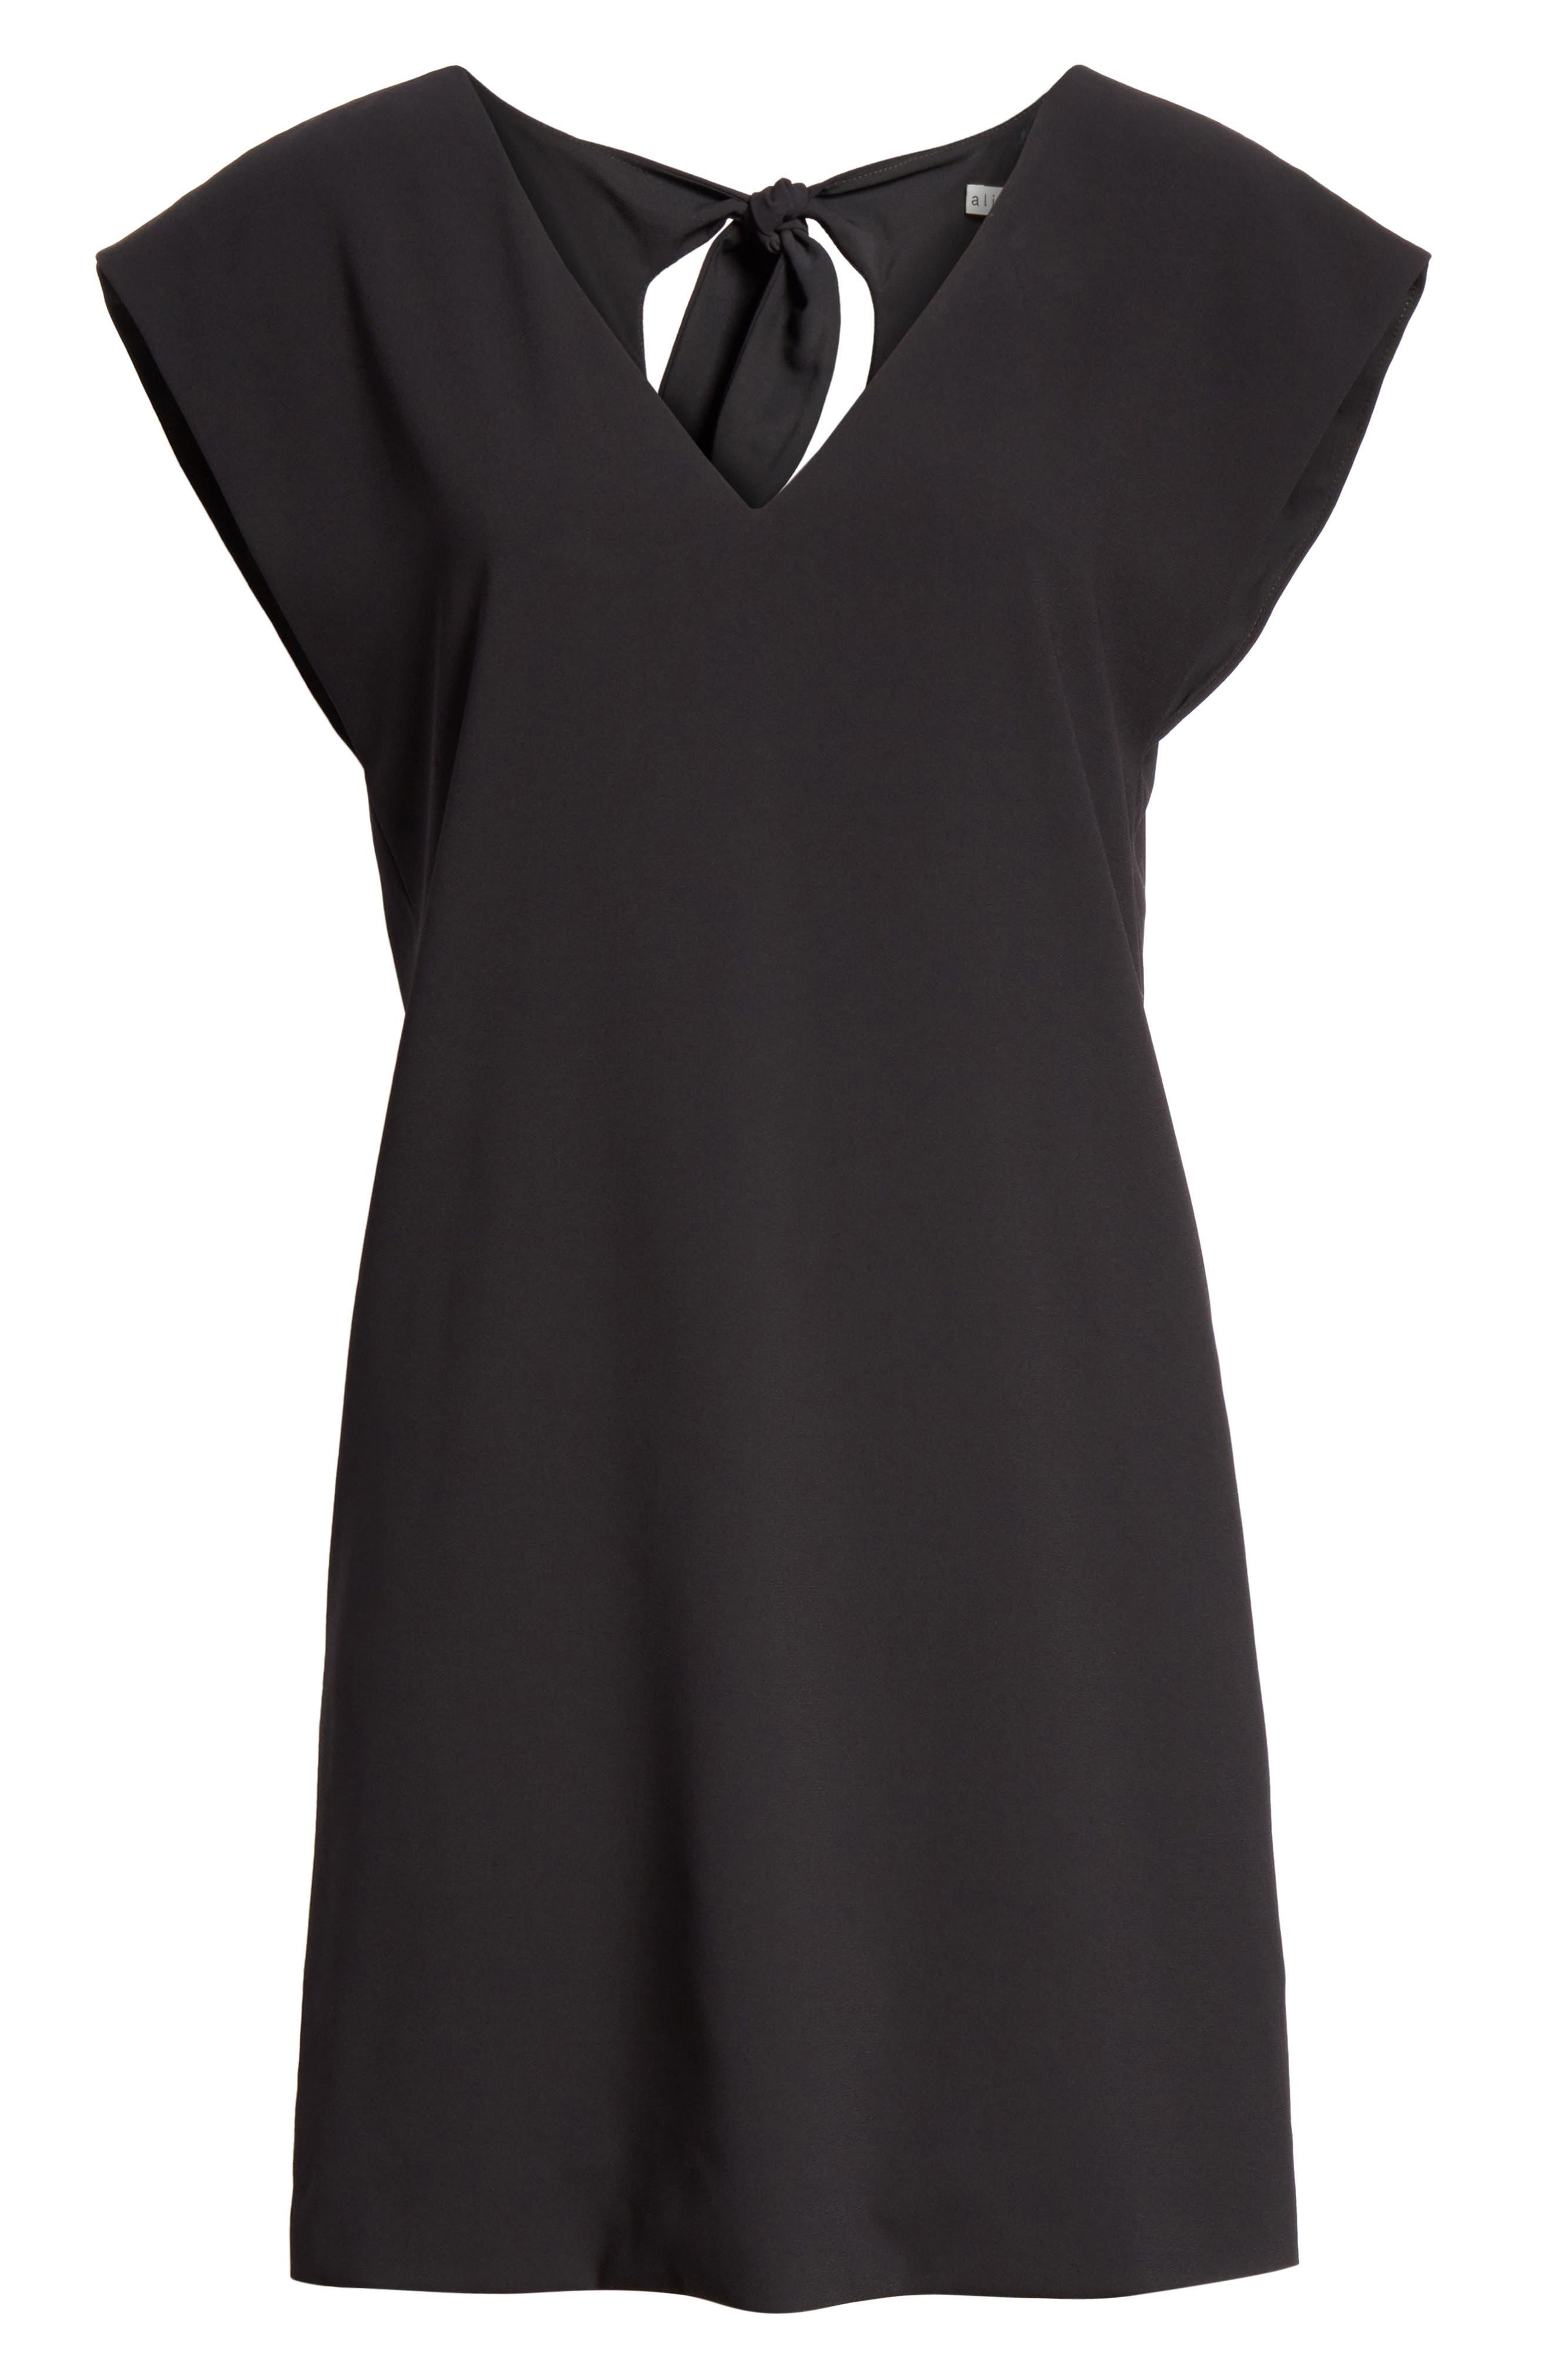 Carita Back Tie Shift Dress,                             Alternate thumbnail 6, color,                             BLACK